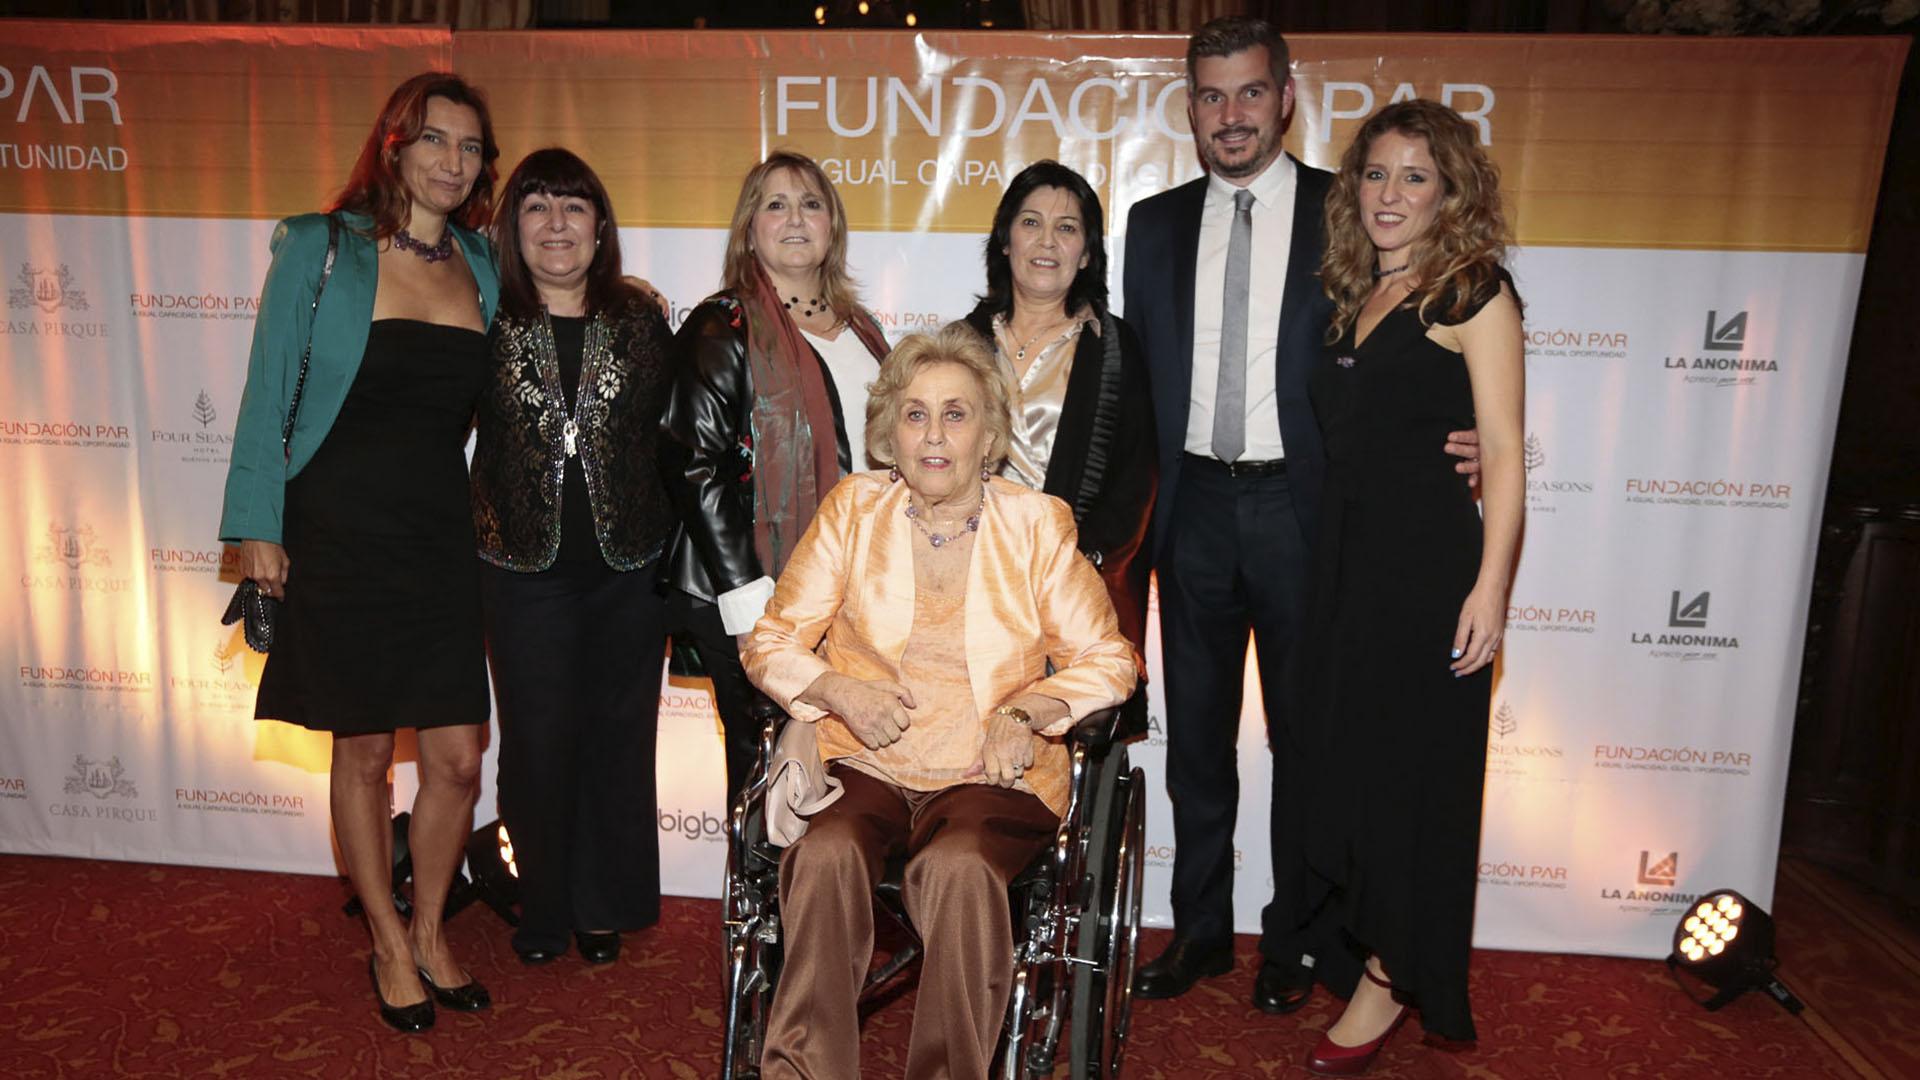 Hoy surgen nuevos desafíos, tanto en torno al fortalecimiento de las personas con discapacidad, como al trabajo junto a la sociedad para seguir construyendo puentes